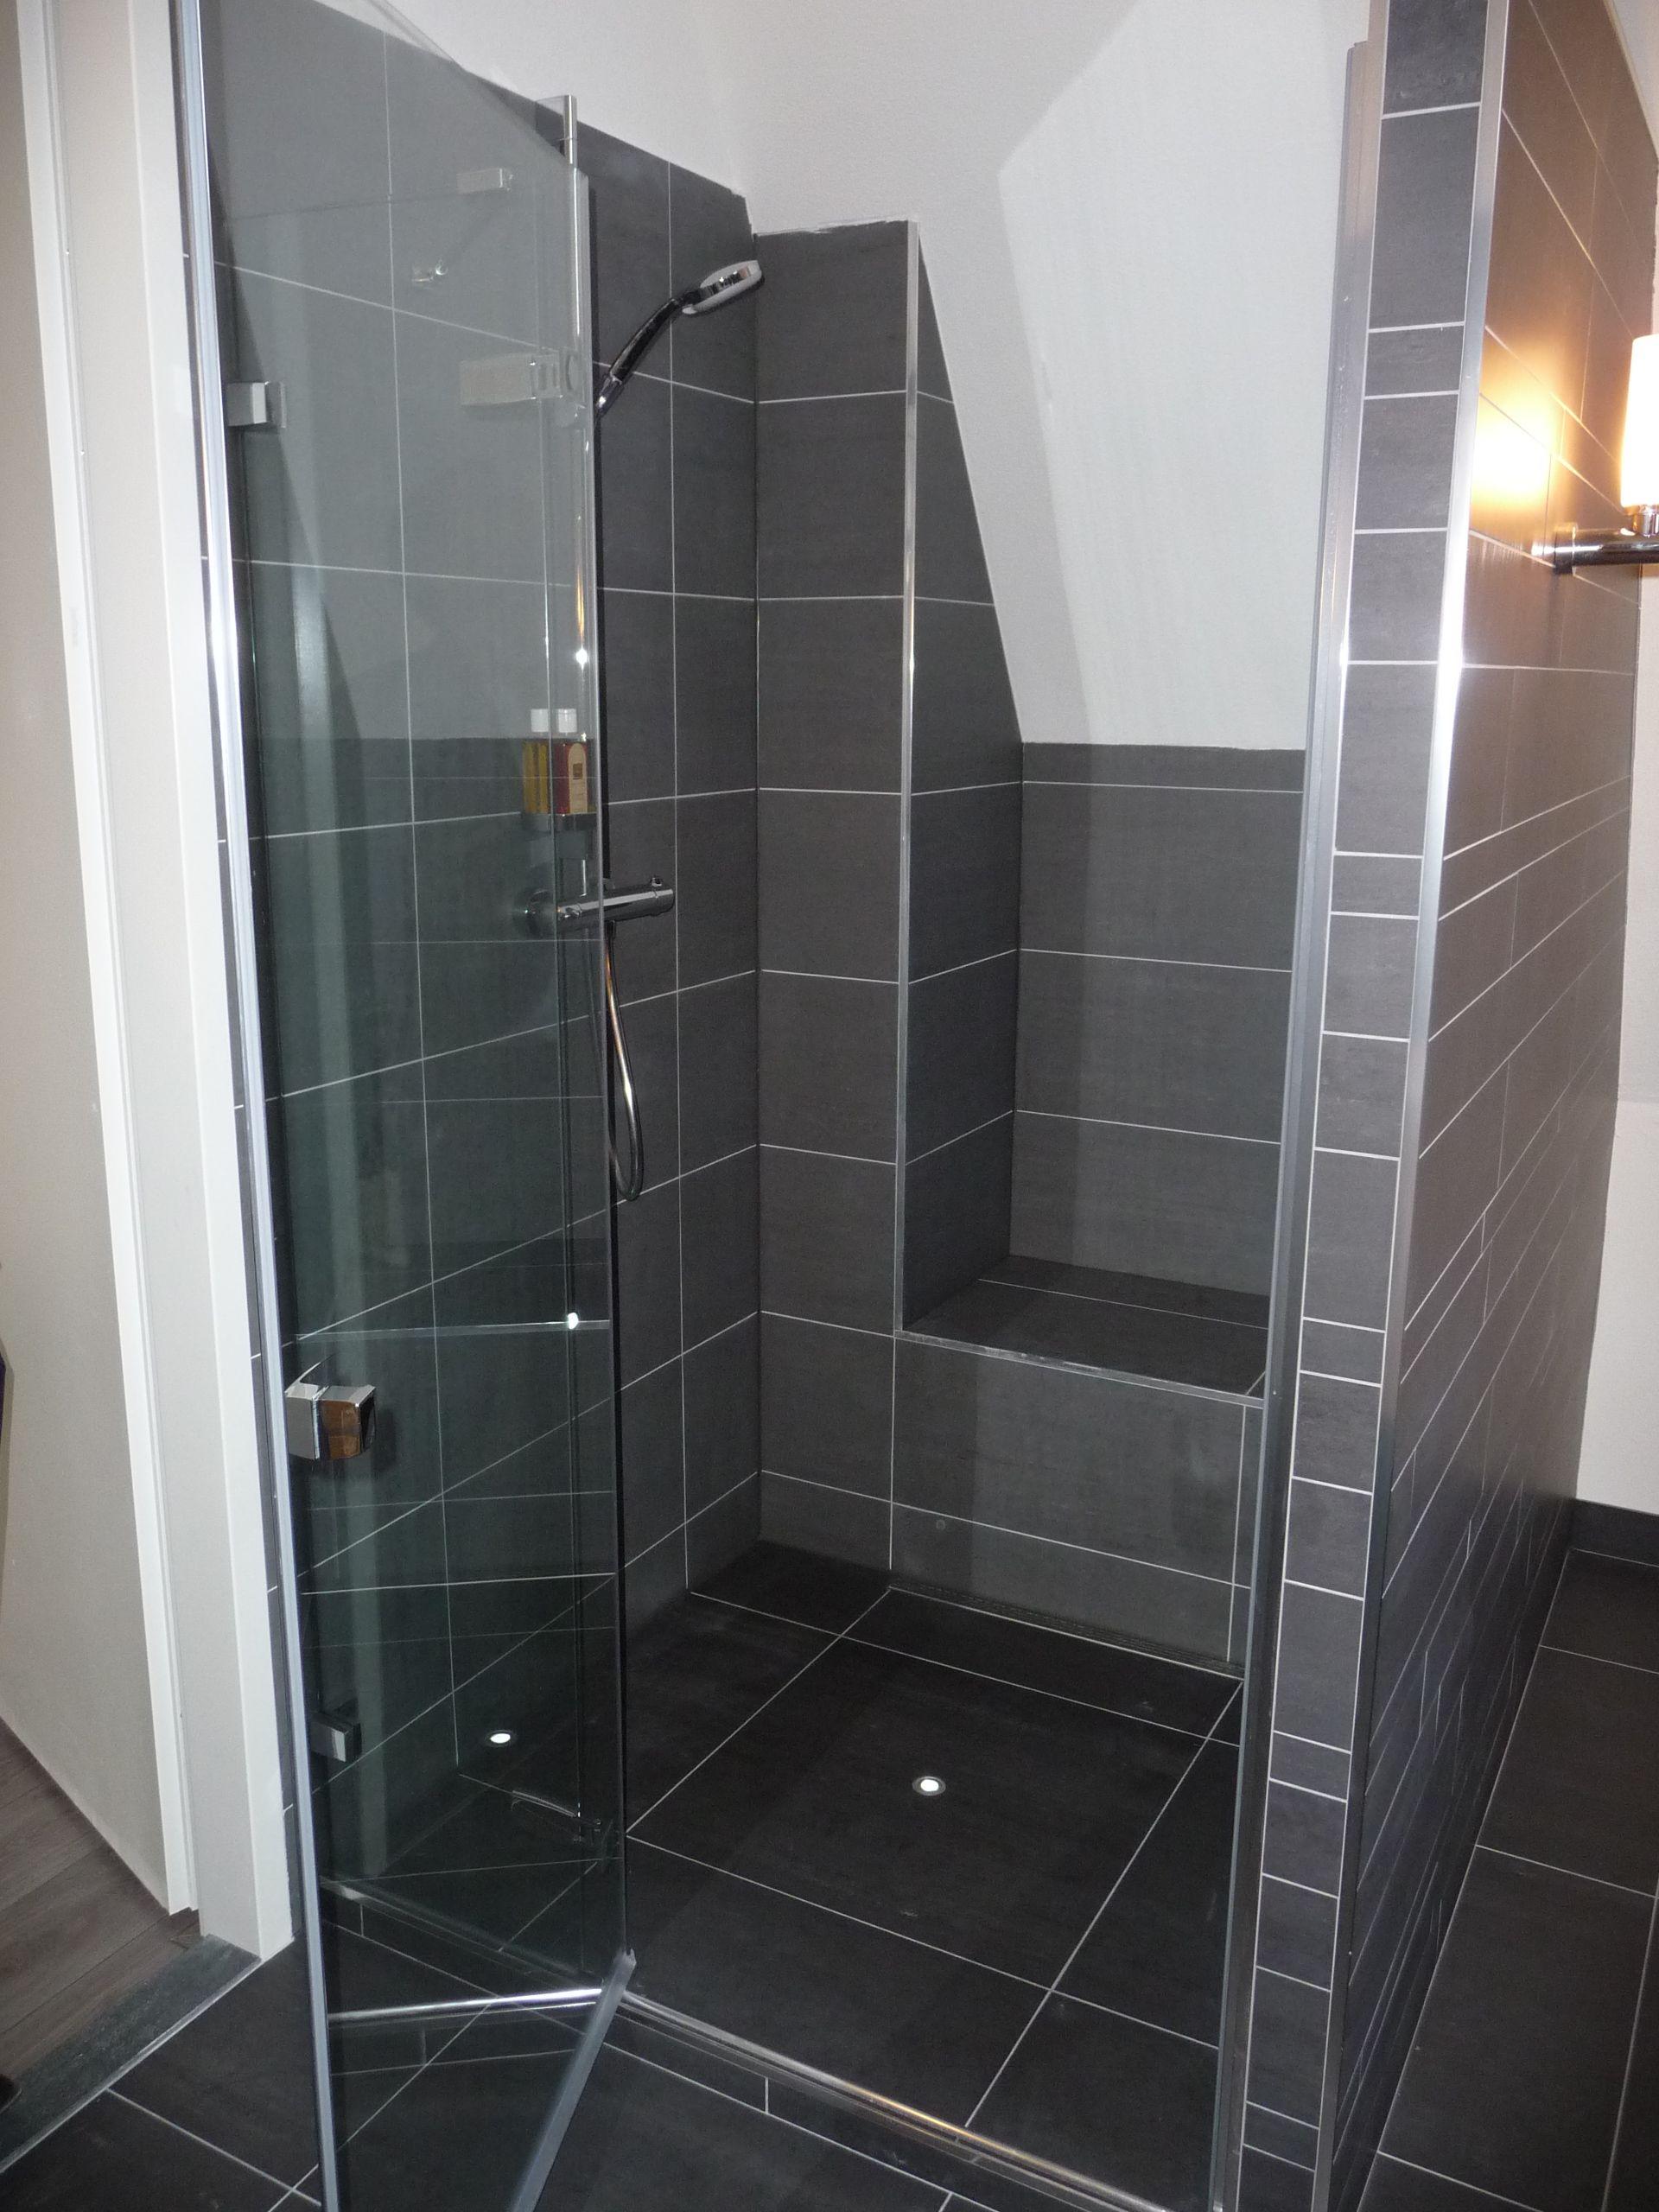 Badkamer 2 4 zitgedeelte in de douche